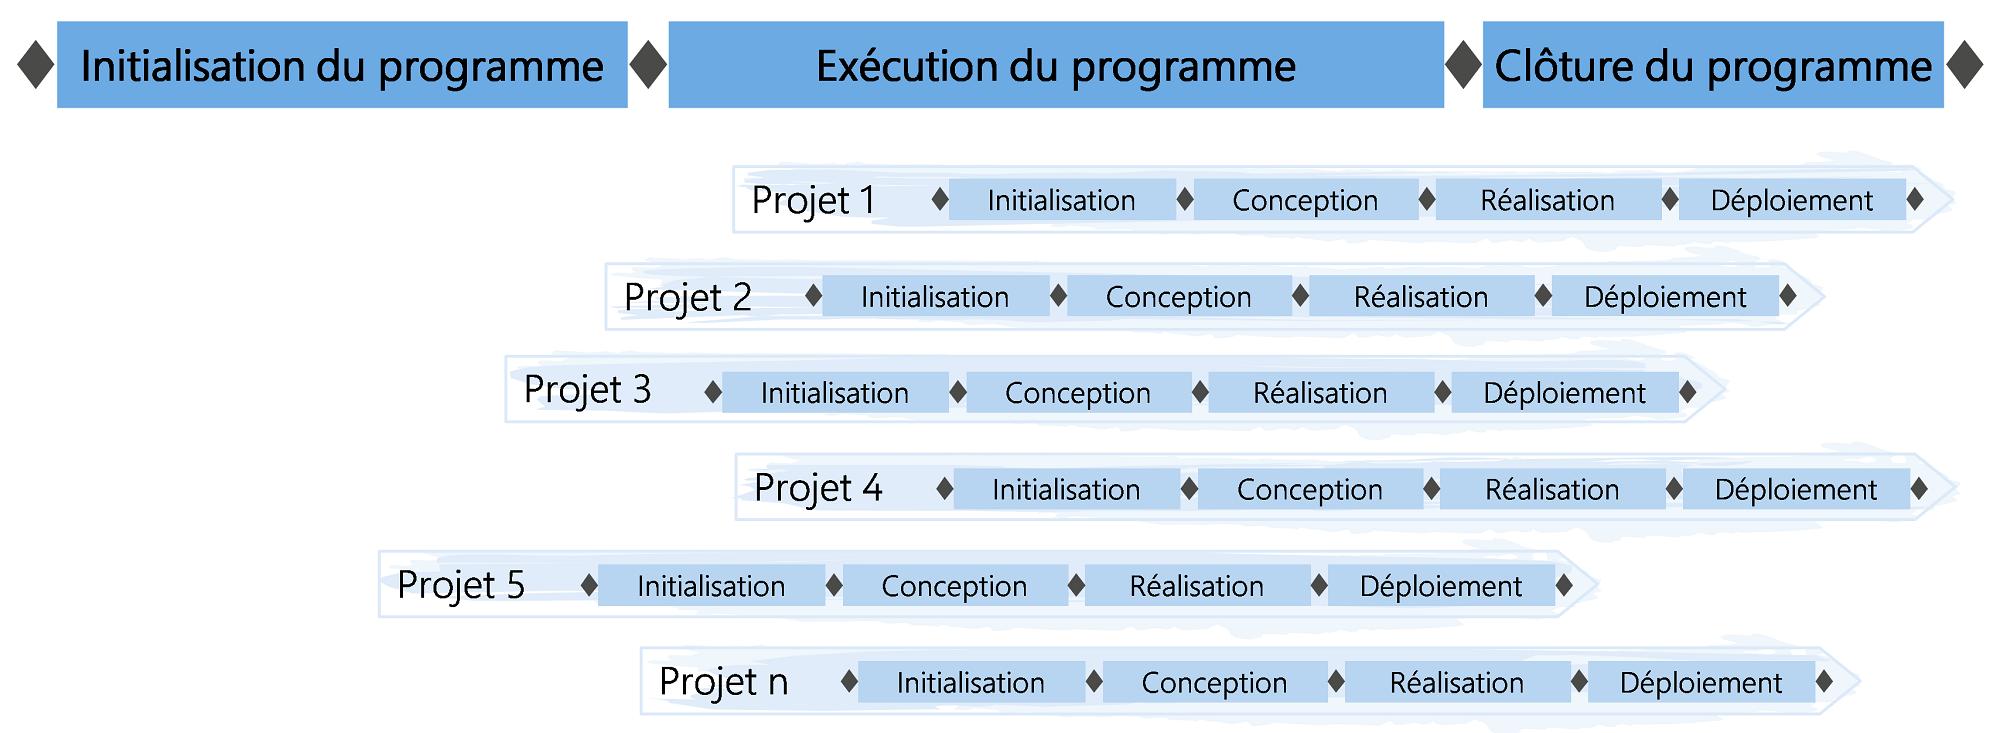 Figure4: Modèle de phases du programme